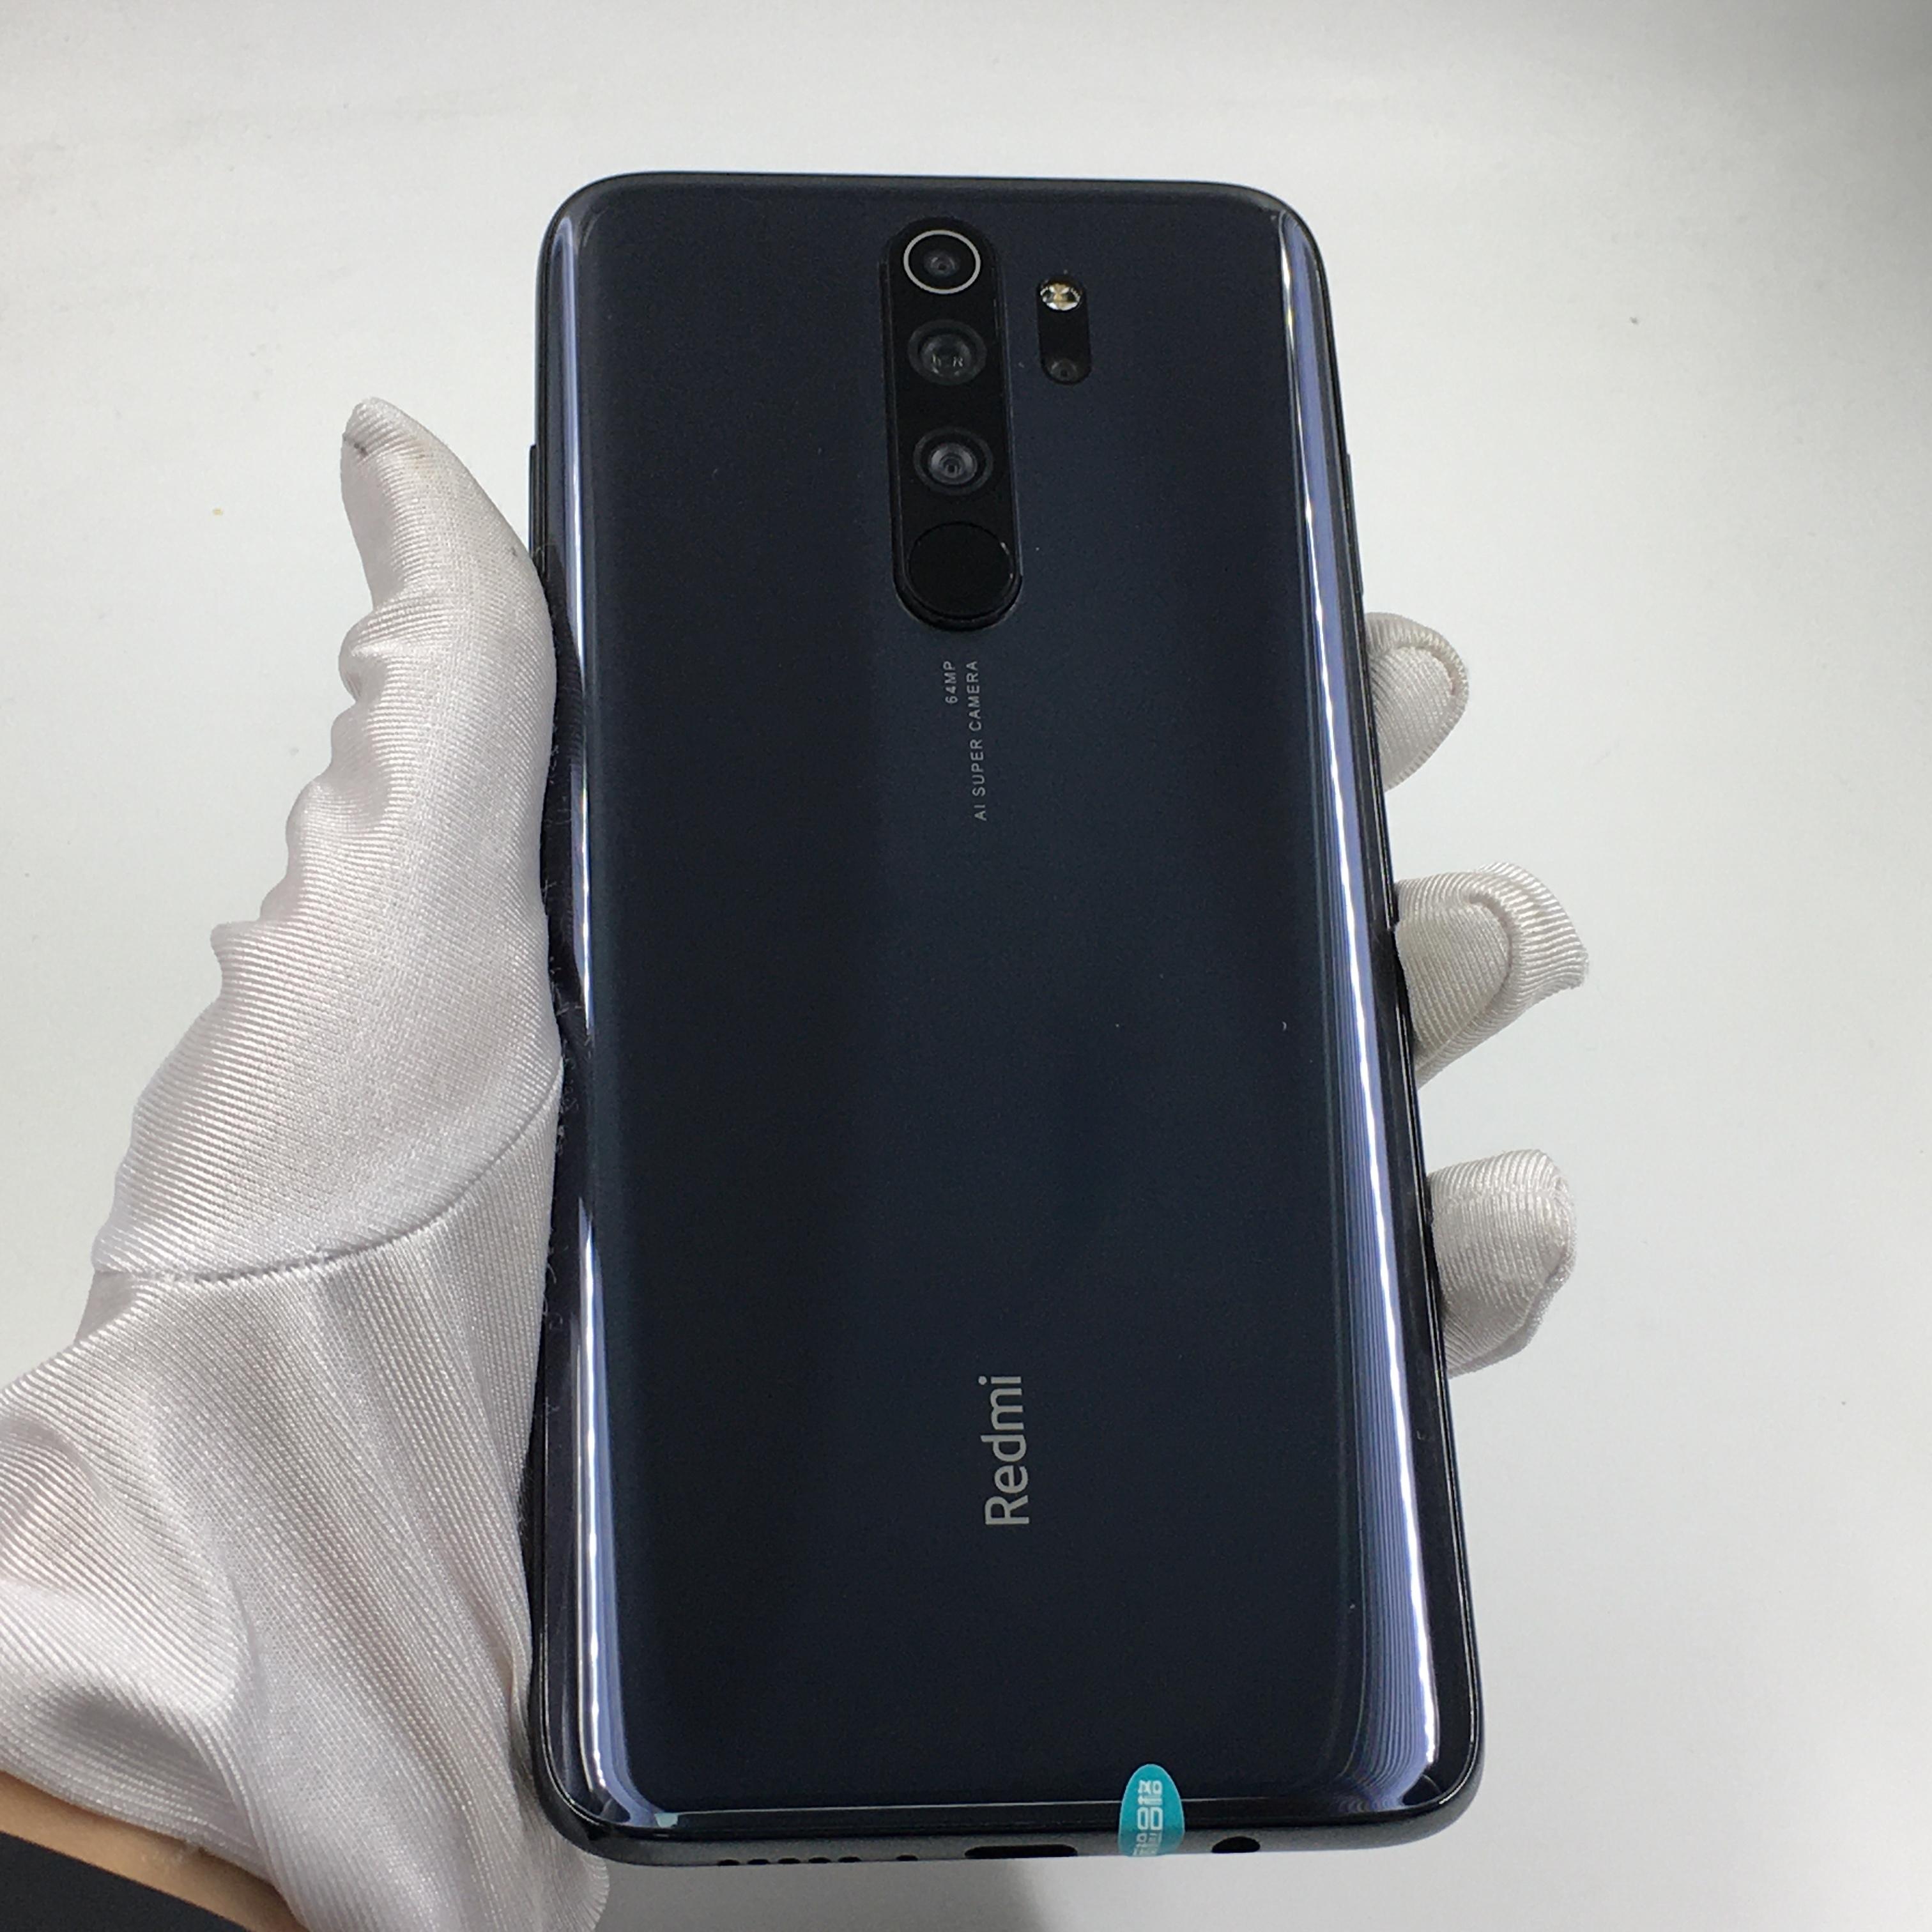 小米【Redmi Note 8 Pro】4G全网通 电光灰 6G/128G 国行 95新 6G/128G真机实拍